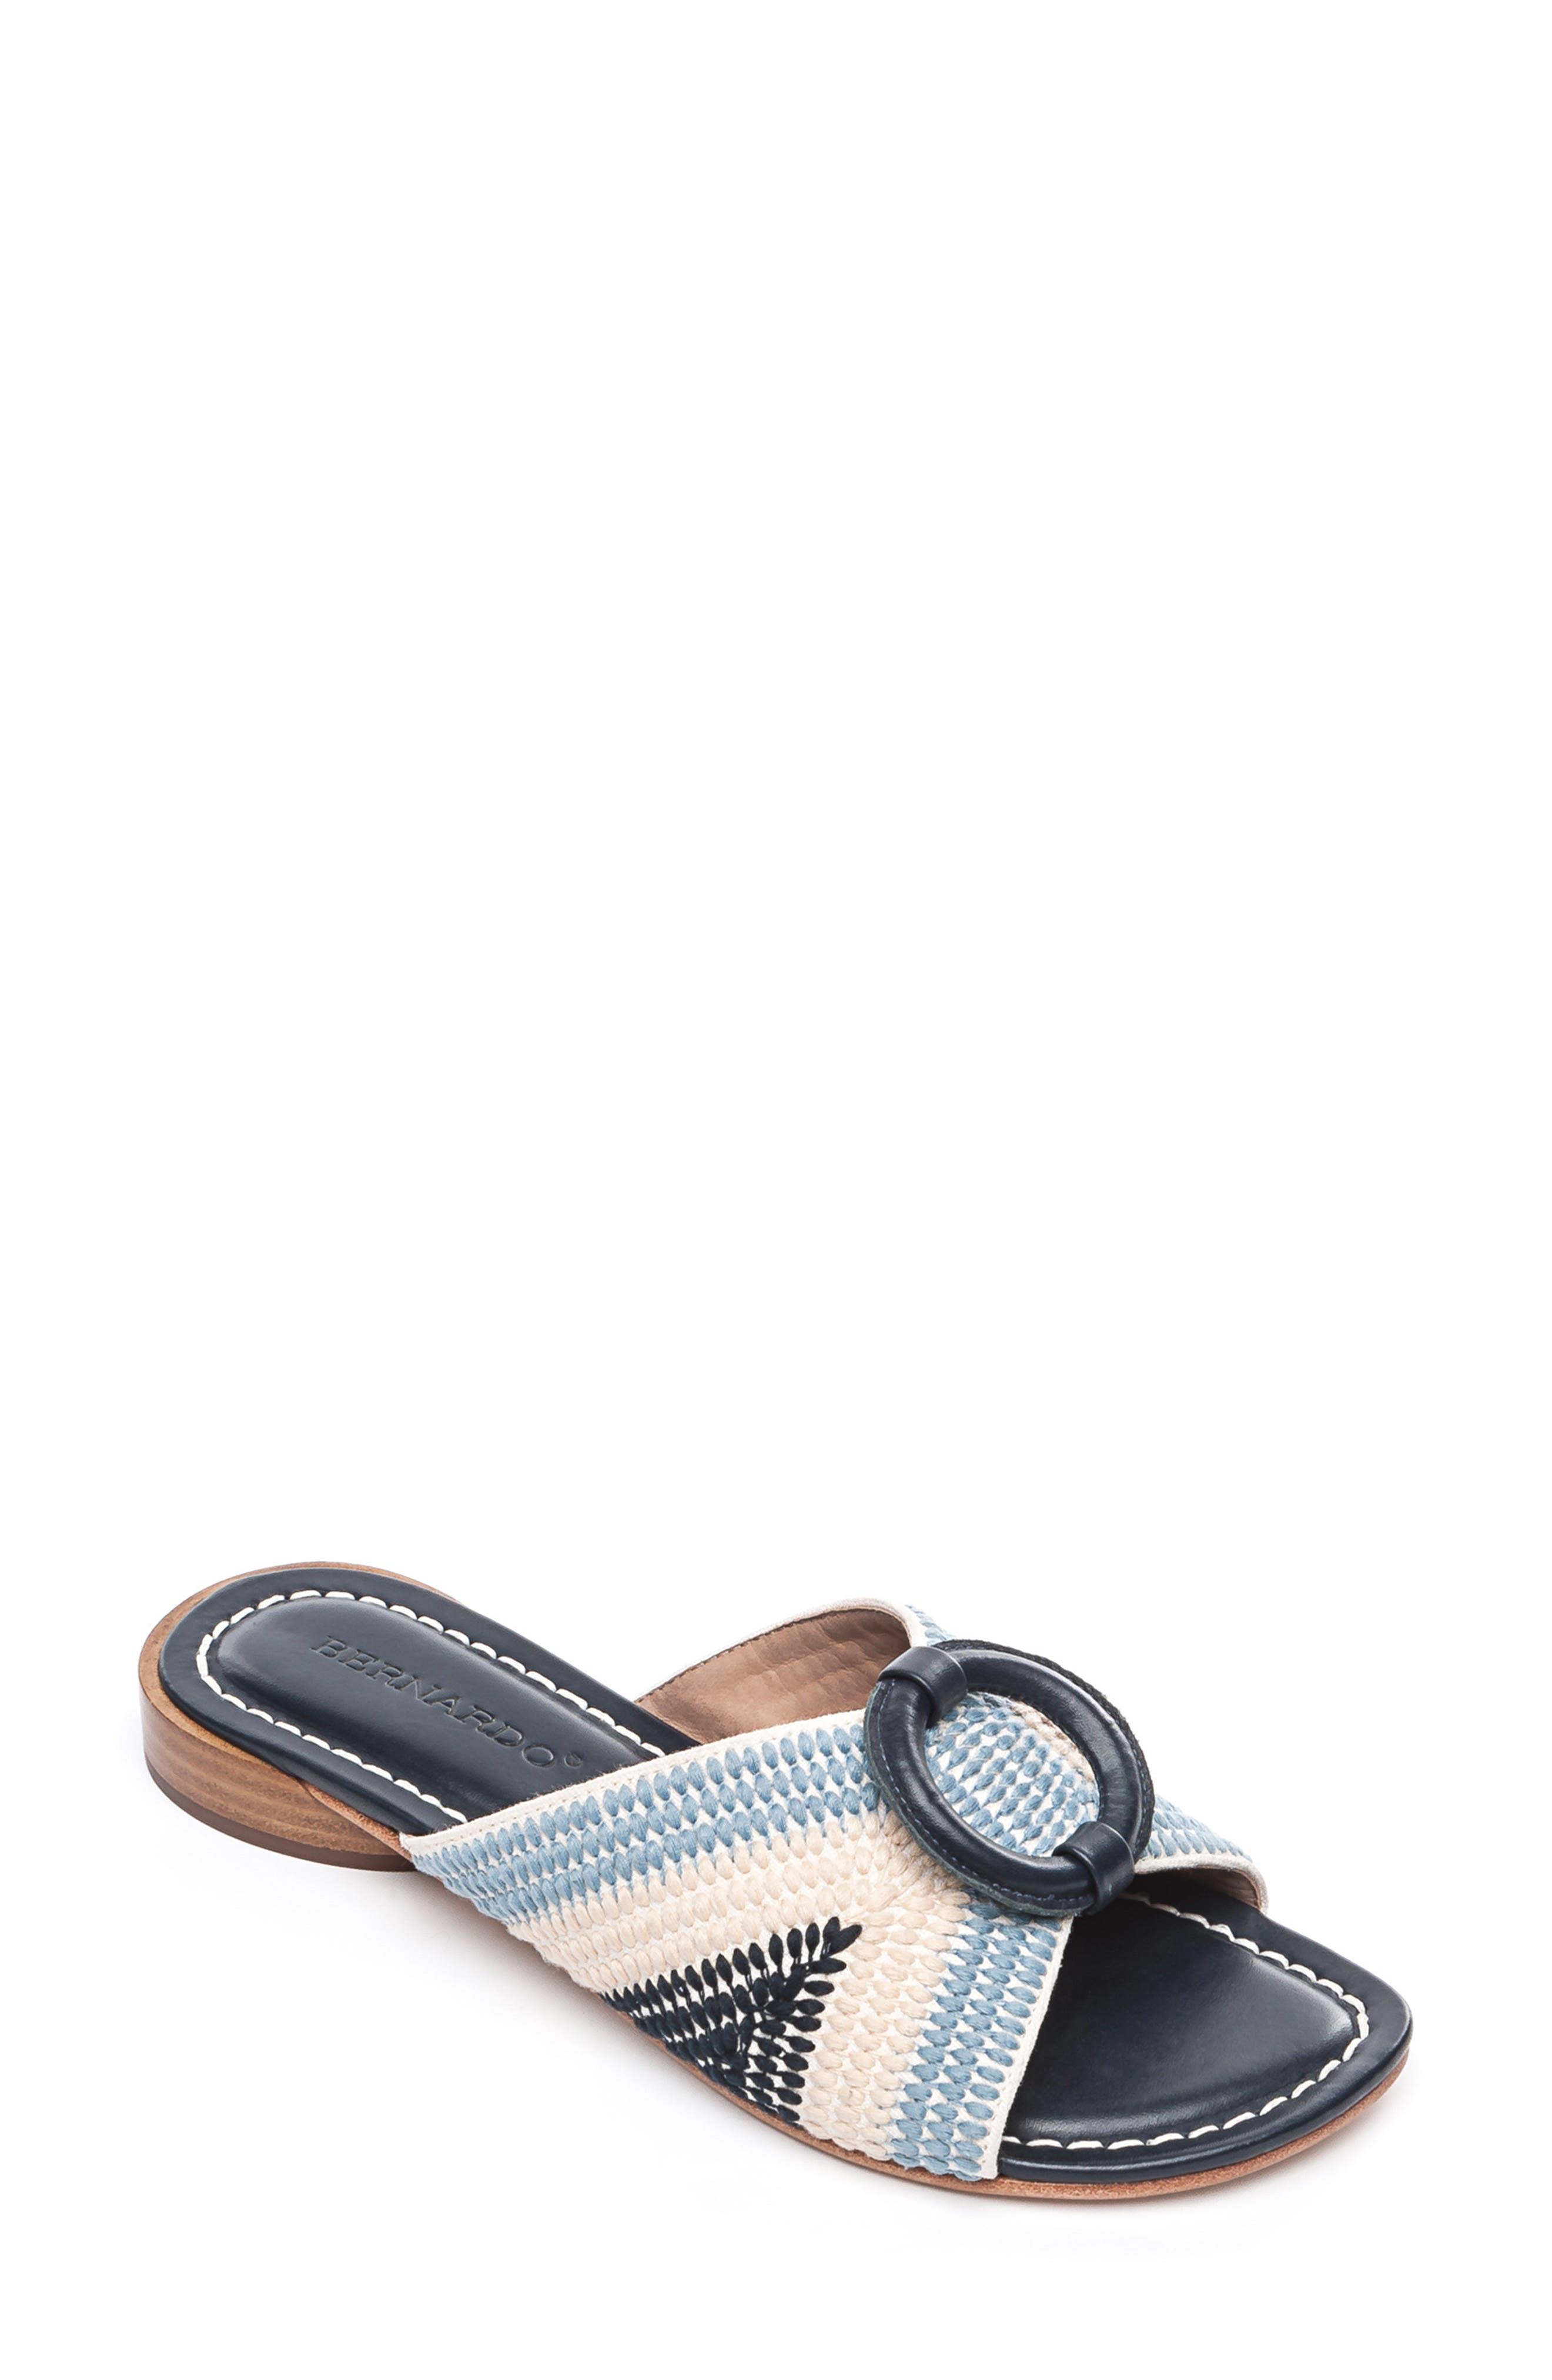 d5367612bb7 Bernardo Footwear Tay Slide Sandal- Blue